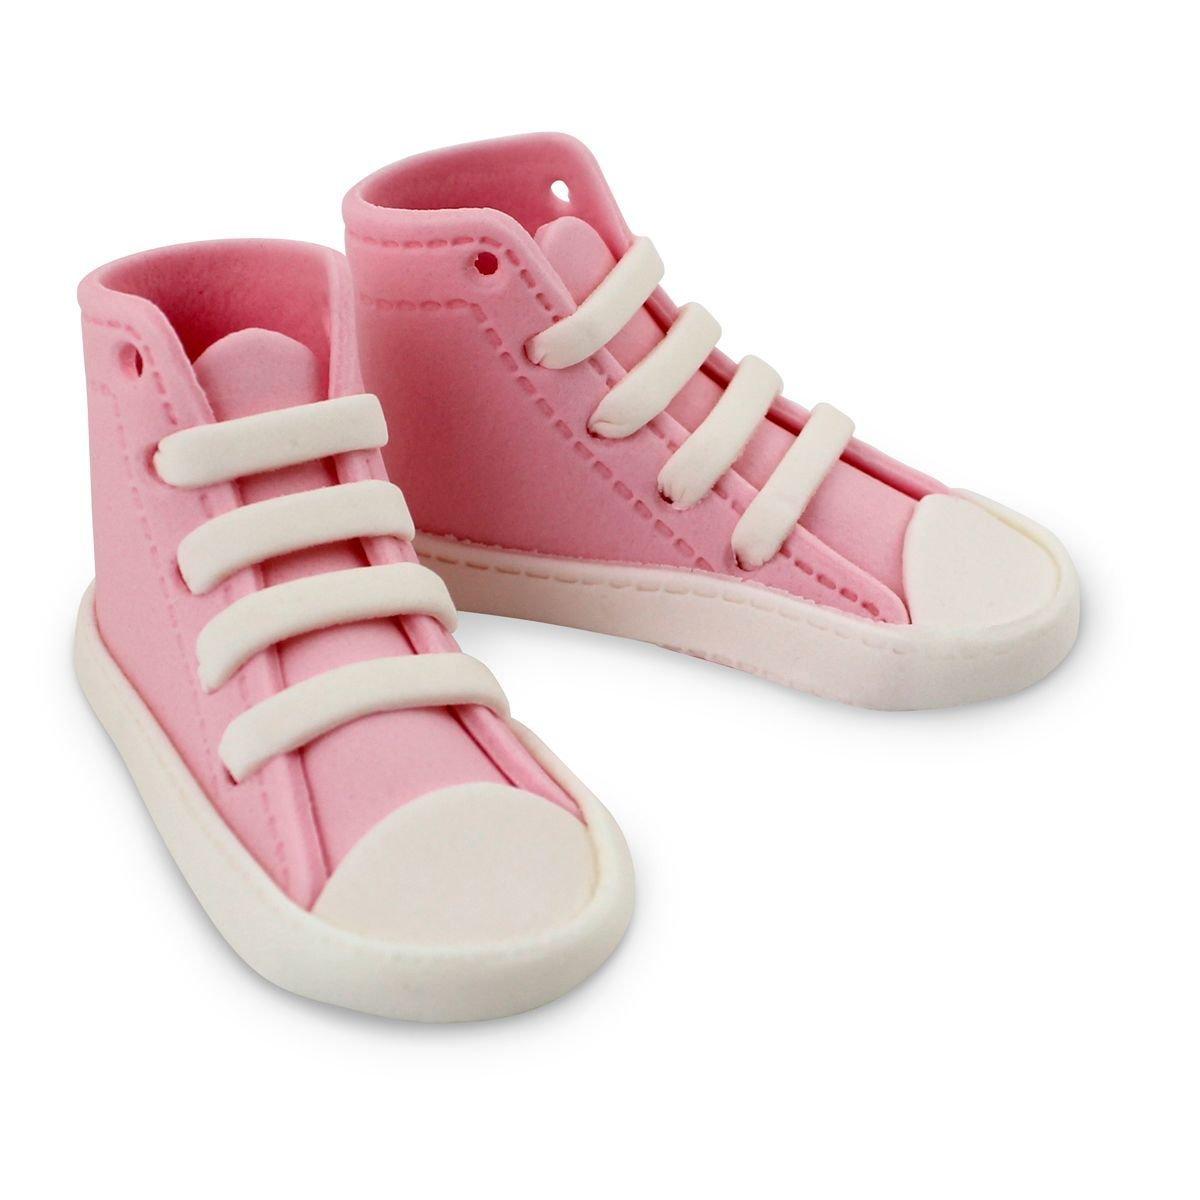 SALE!!! PME Edibles -Βρώσιμα Ζαχαρένια Ροζ Αθλητικά Παπούτσια  ΑΝΑΛΩΣΗ ΚΑΤΑ ΠΡΟΤΙΜΗΣΗ 06/2020